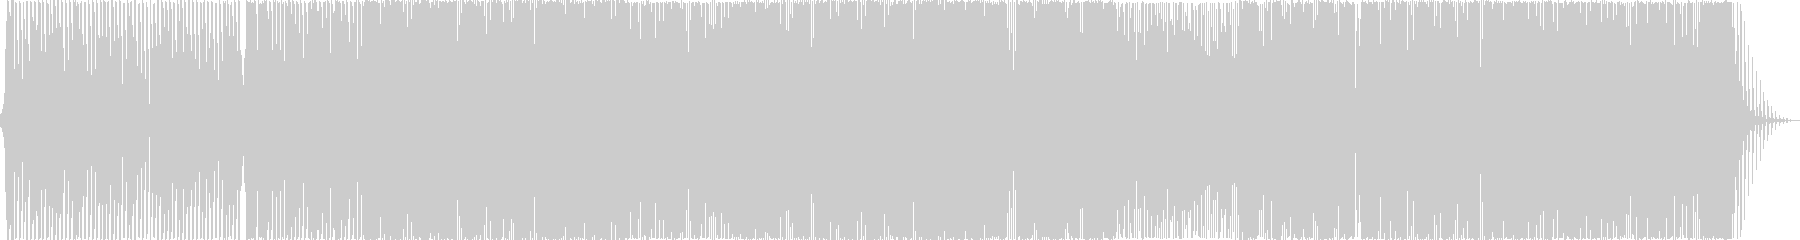 ボーカルあり、明るいシンセポップの未再生の波形